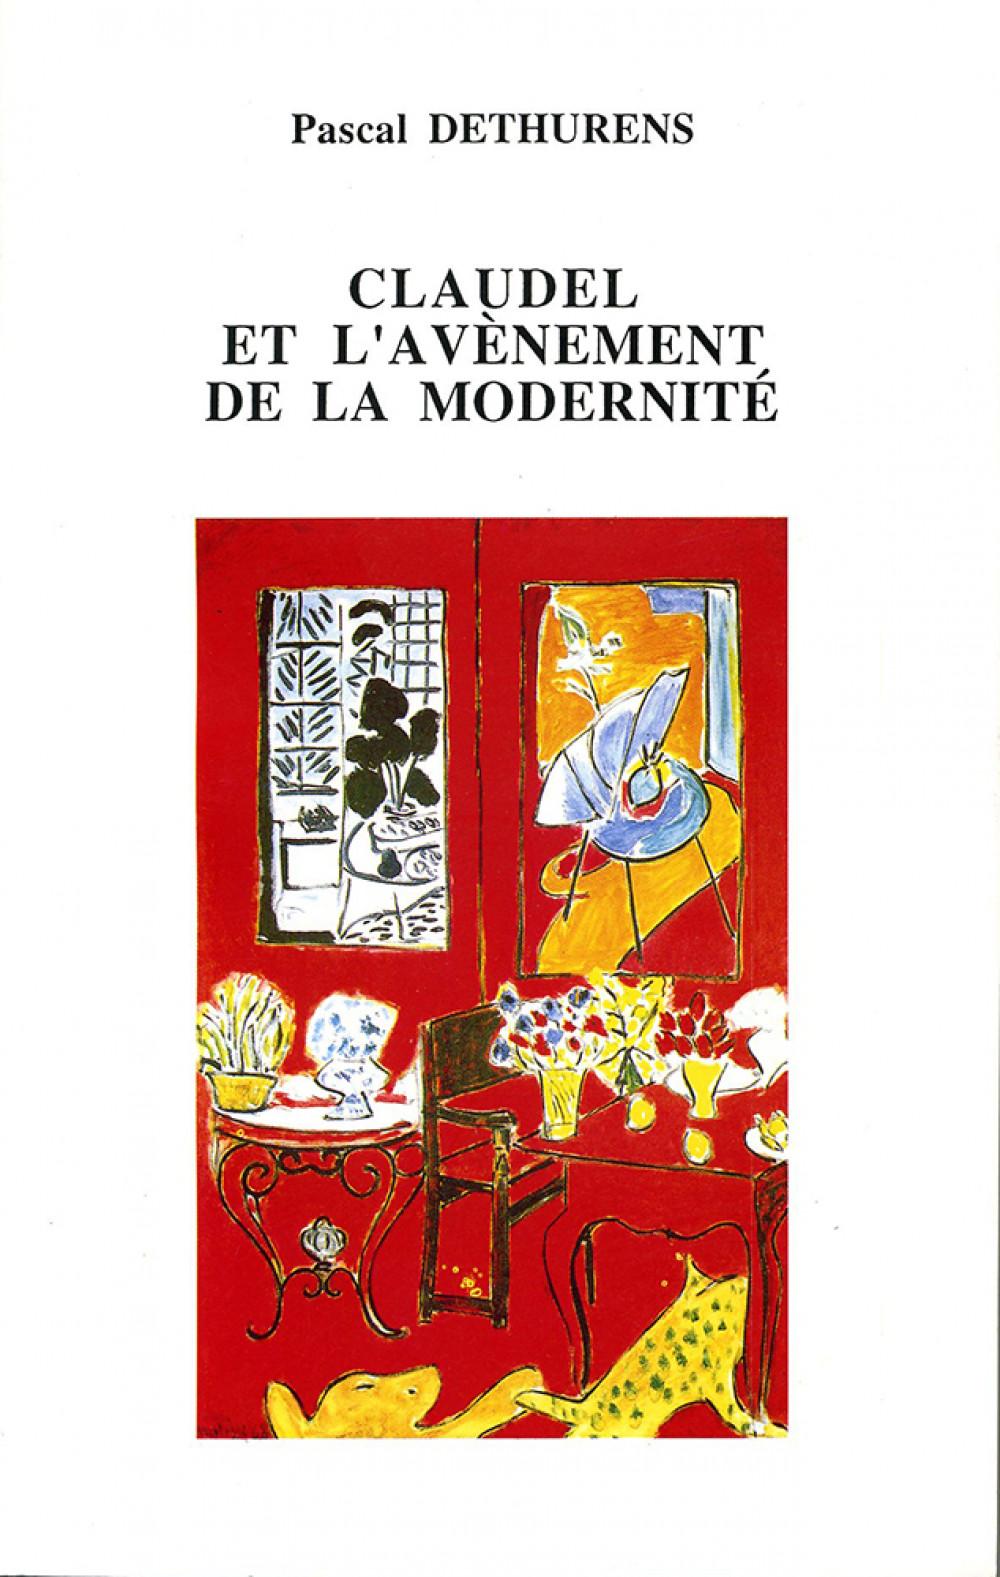 Claudel et l'avénement de la modernité